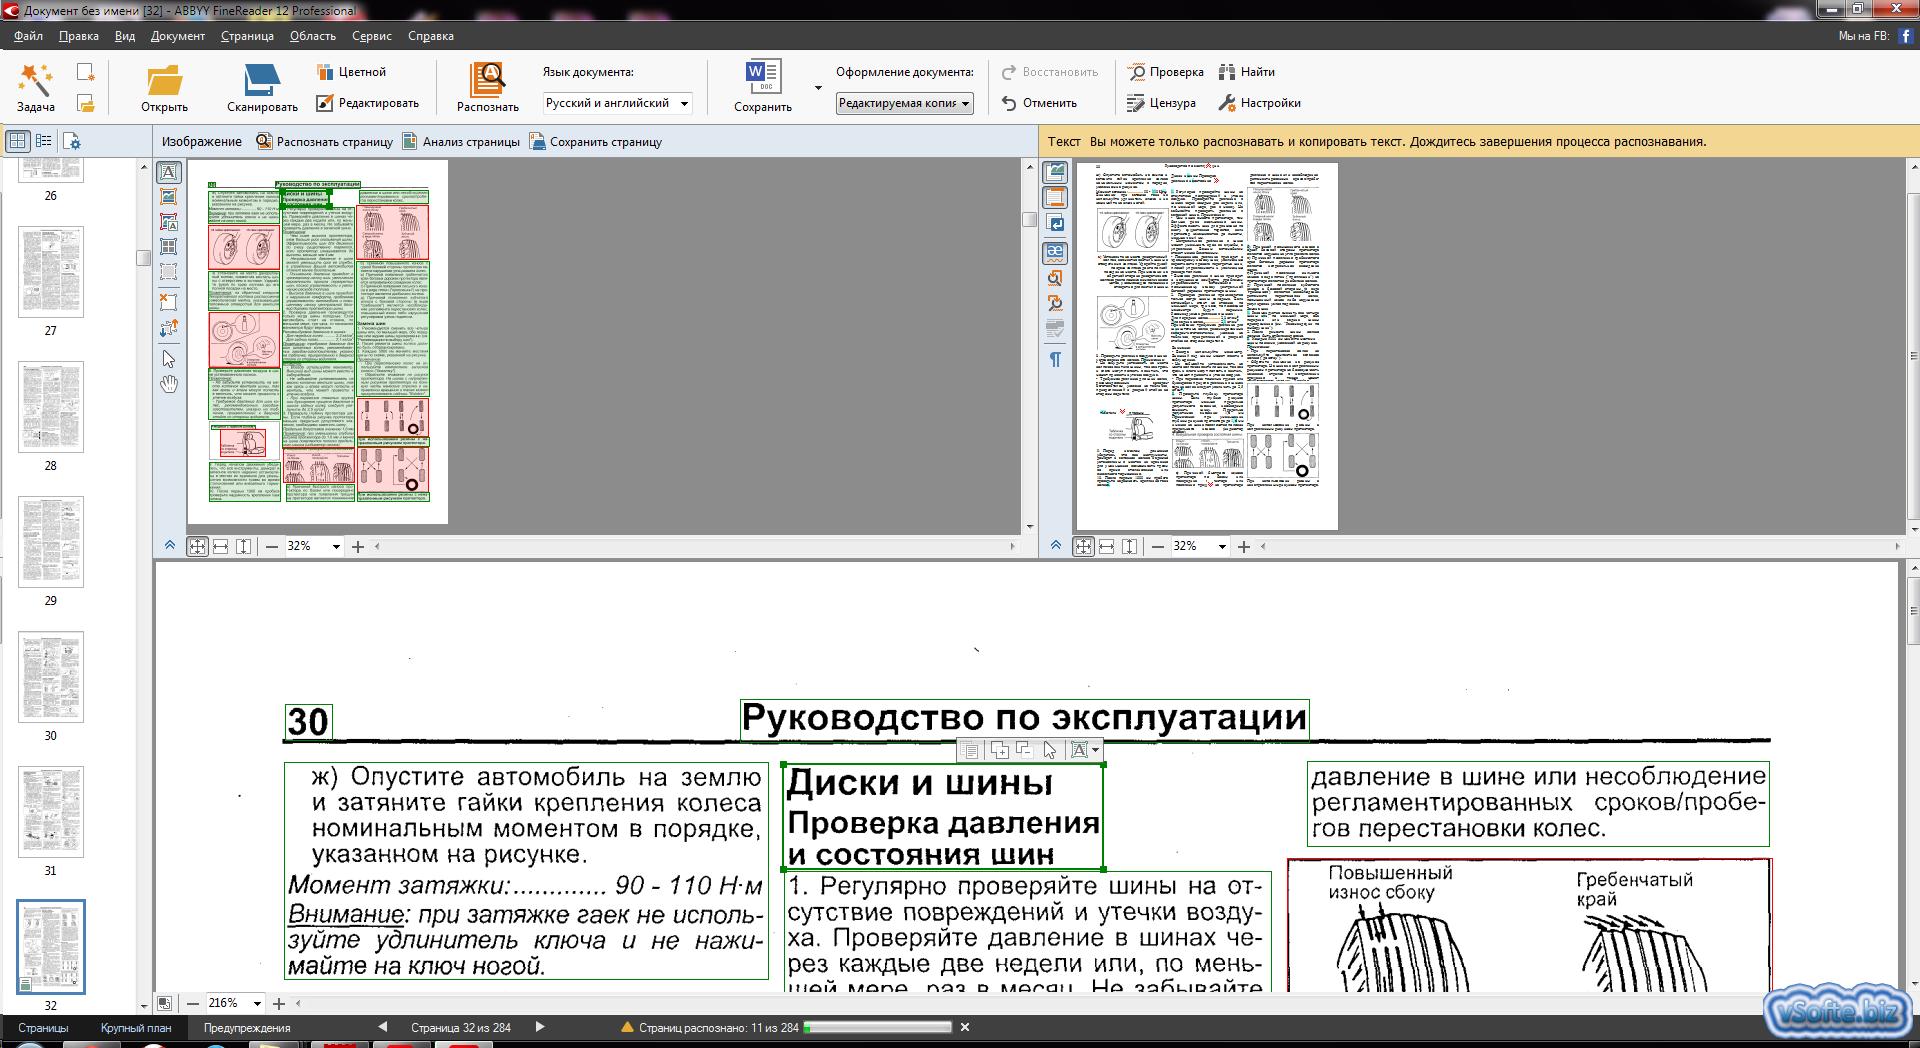 Програмку для определения текста из рисунки